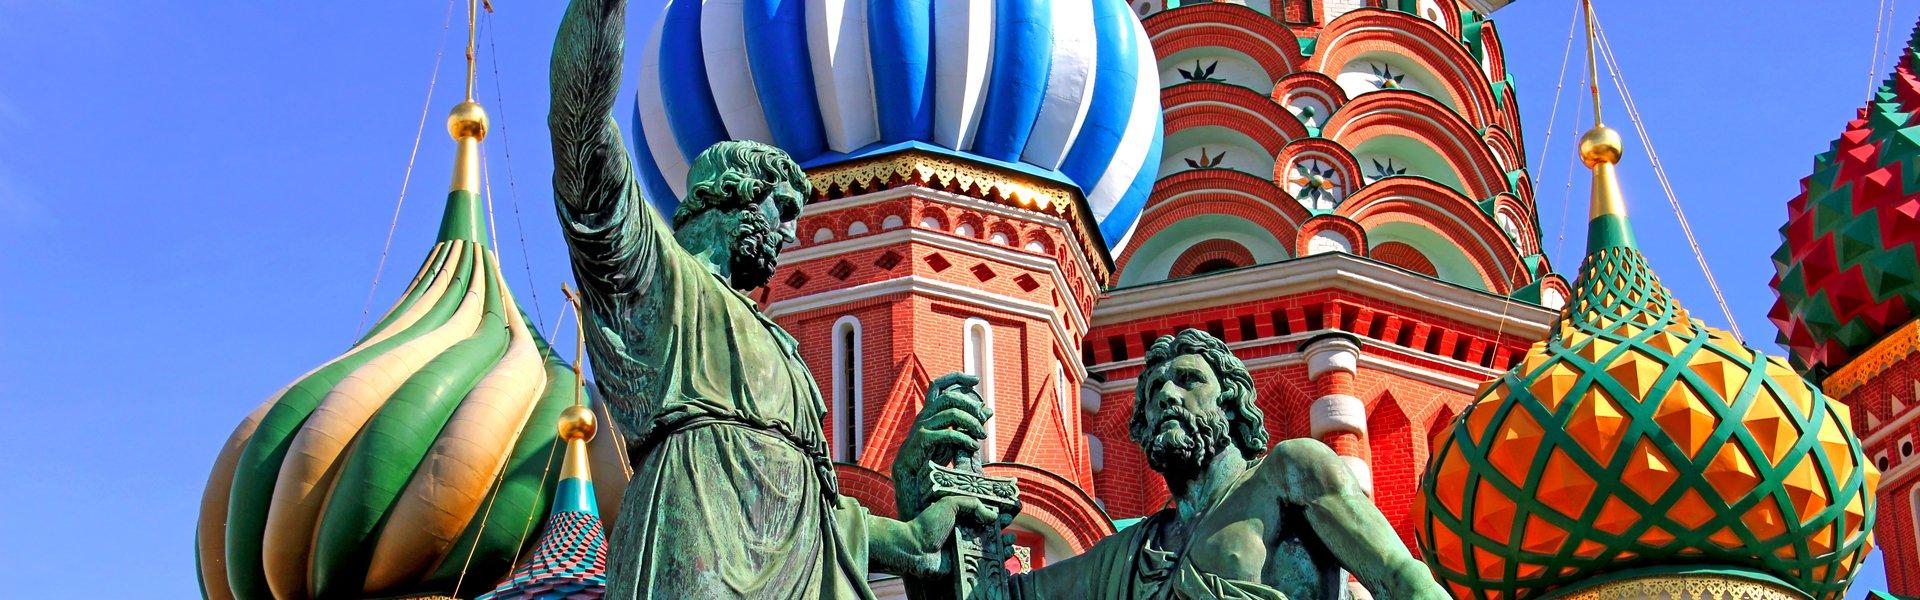 Wasiliuskathedral op het Rode Plein in Moskou, Rusland